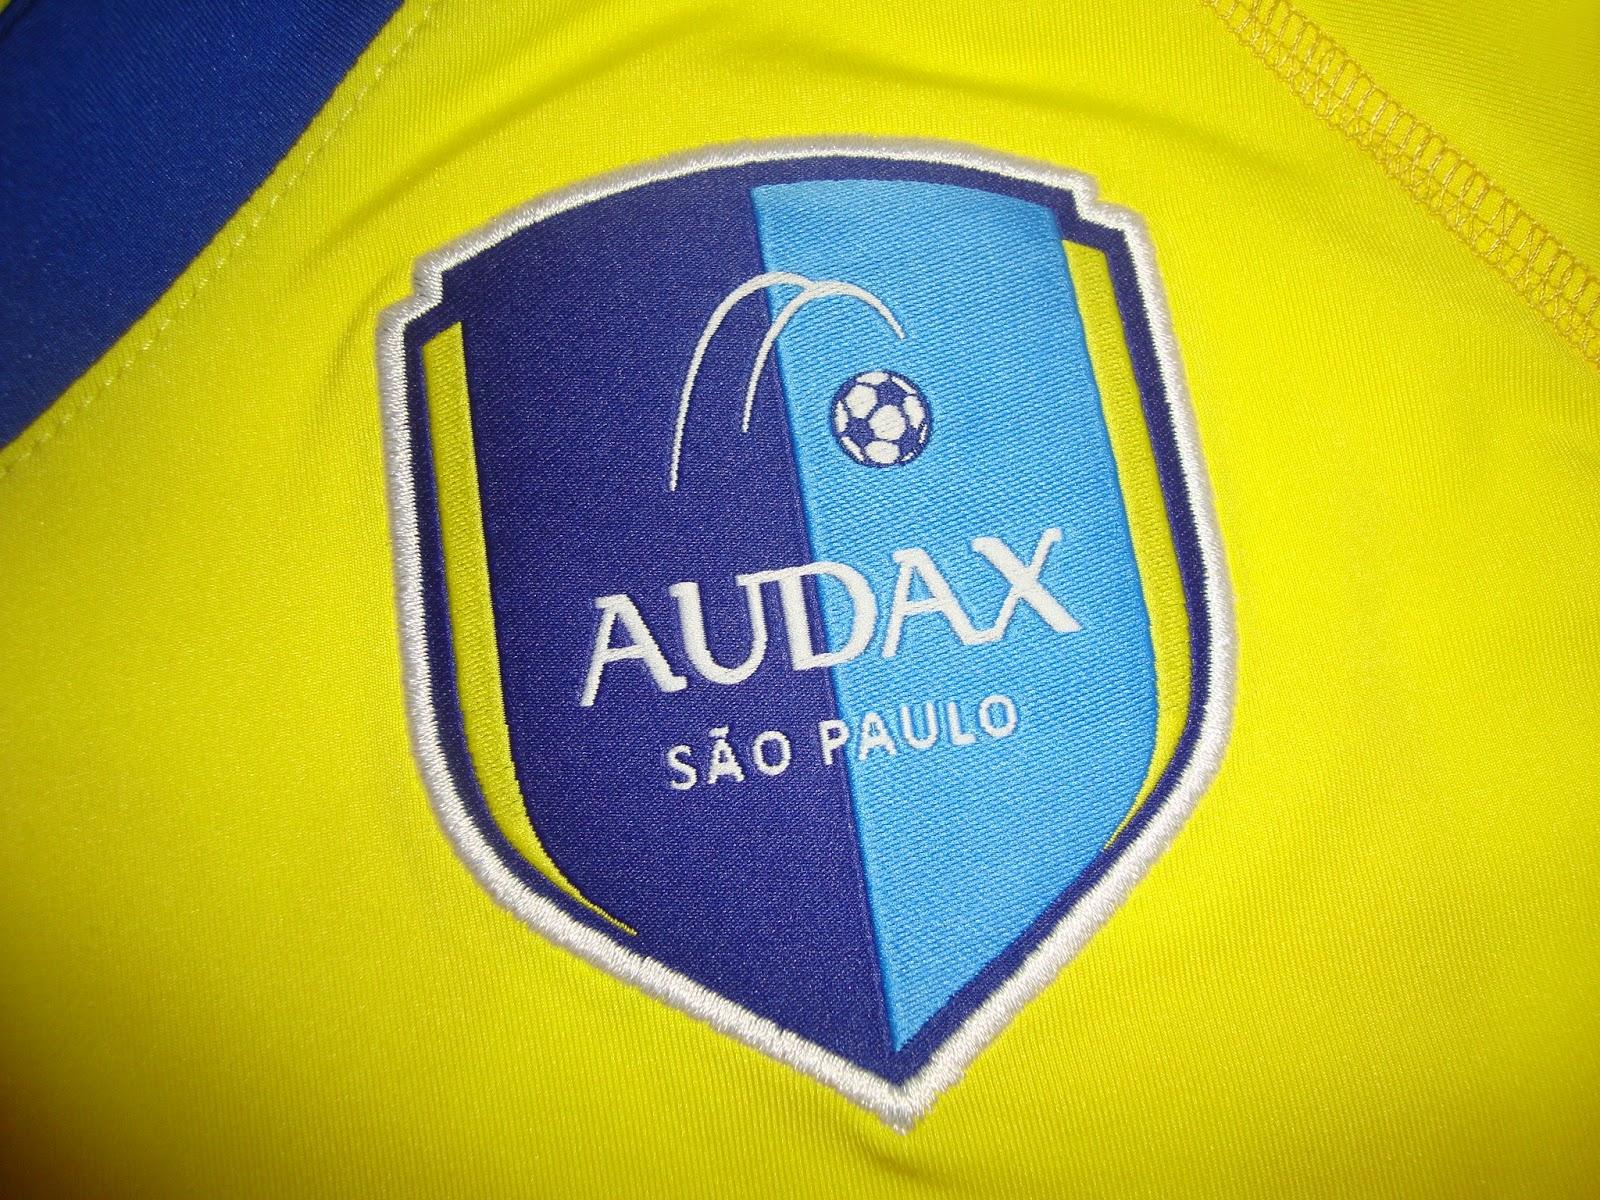 Audax São Paulo Esporte Clube (SP) - Show de Camisas db4b7ea04c0a6